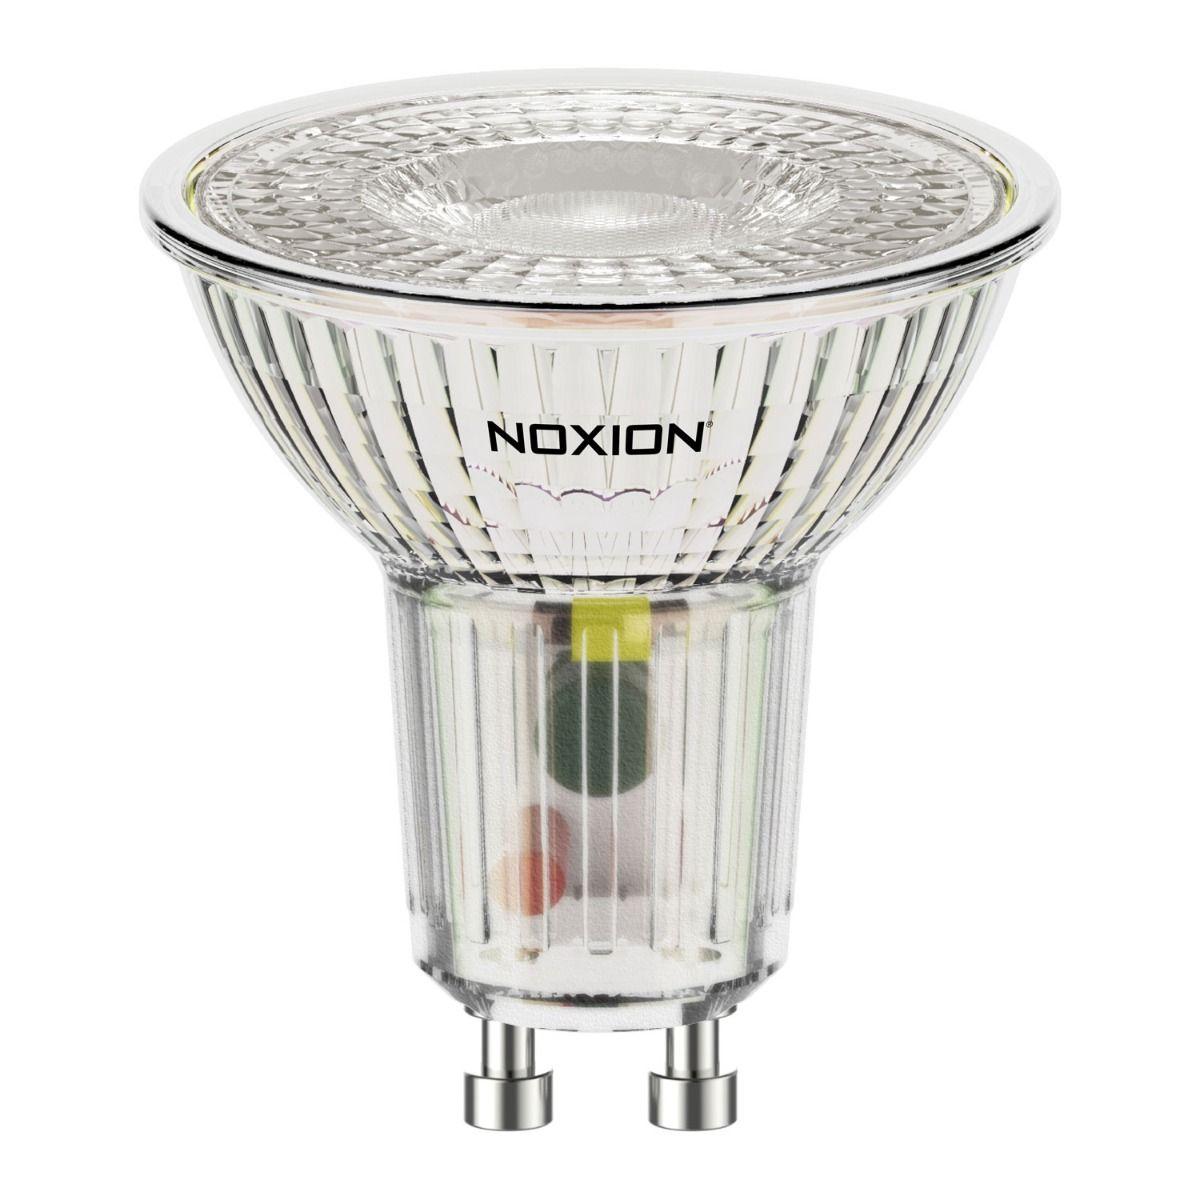 Noxion LED-Spot GU10 3.7W 830 36D 260lm | Warmweiß - Ersatz für 35W